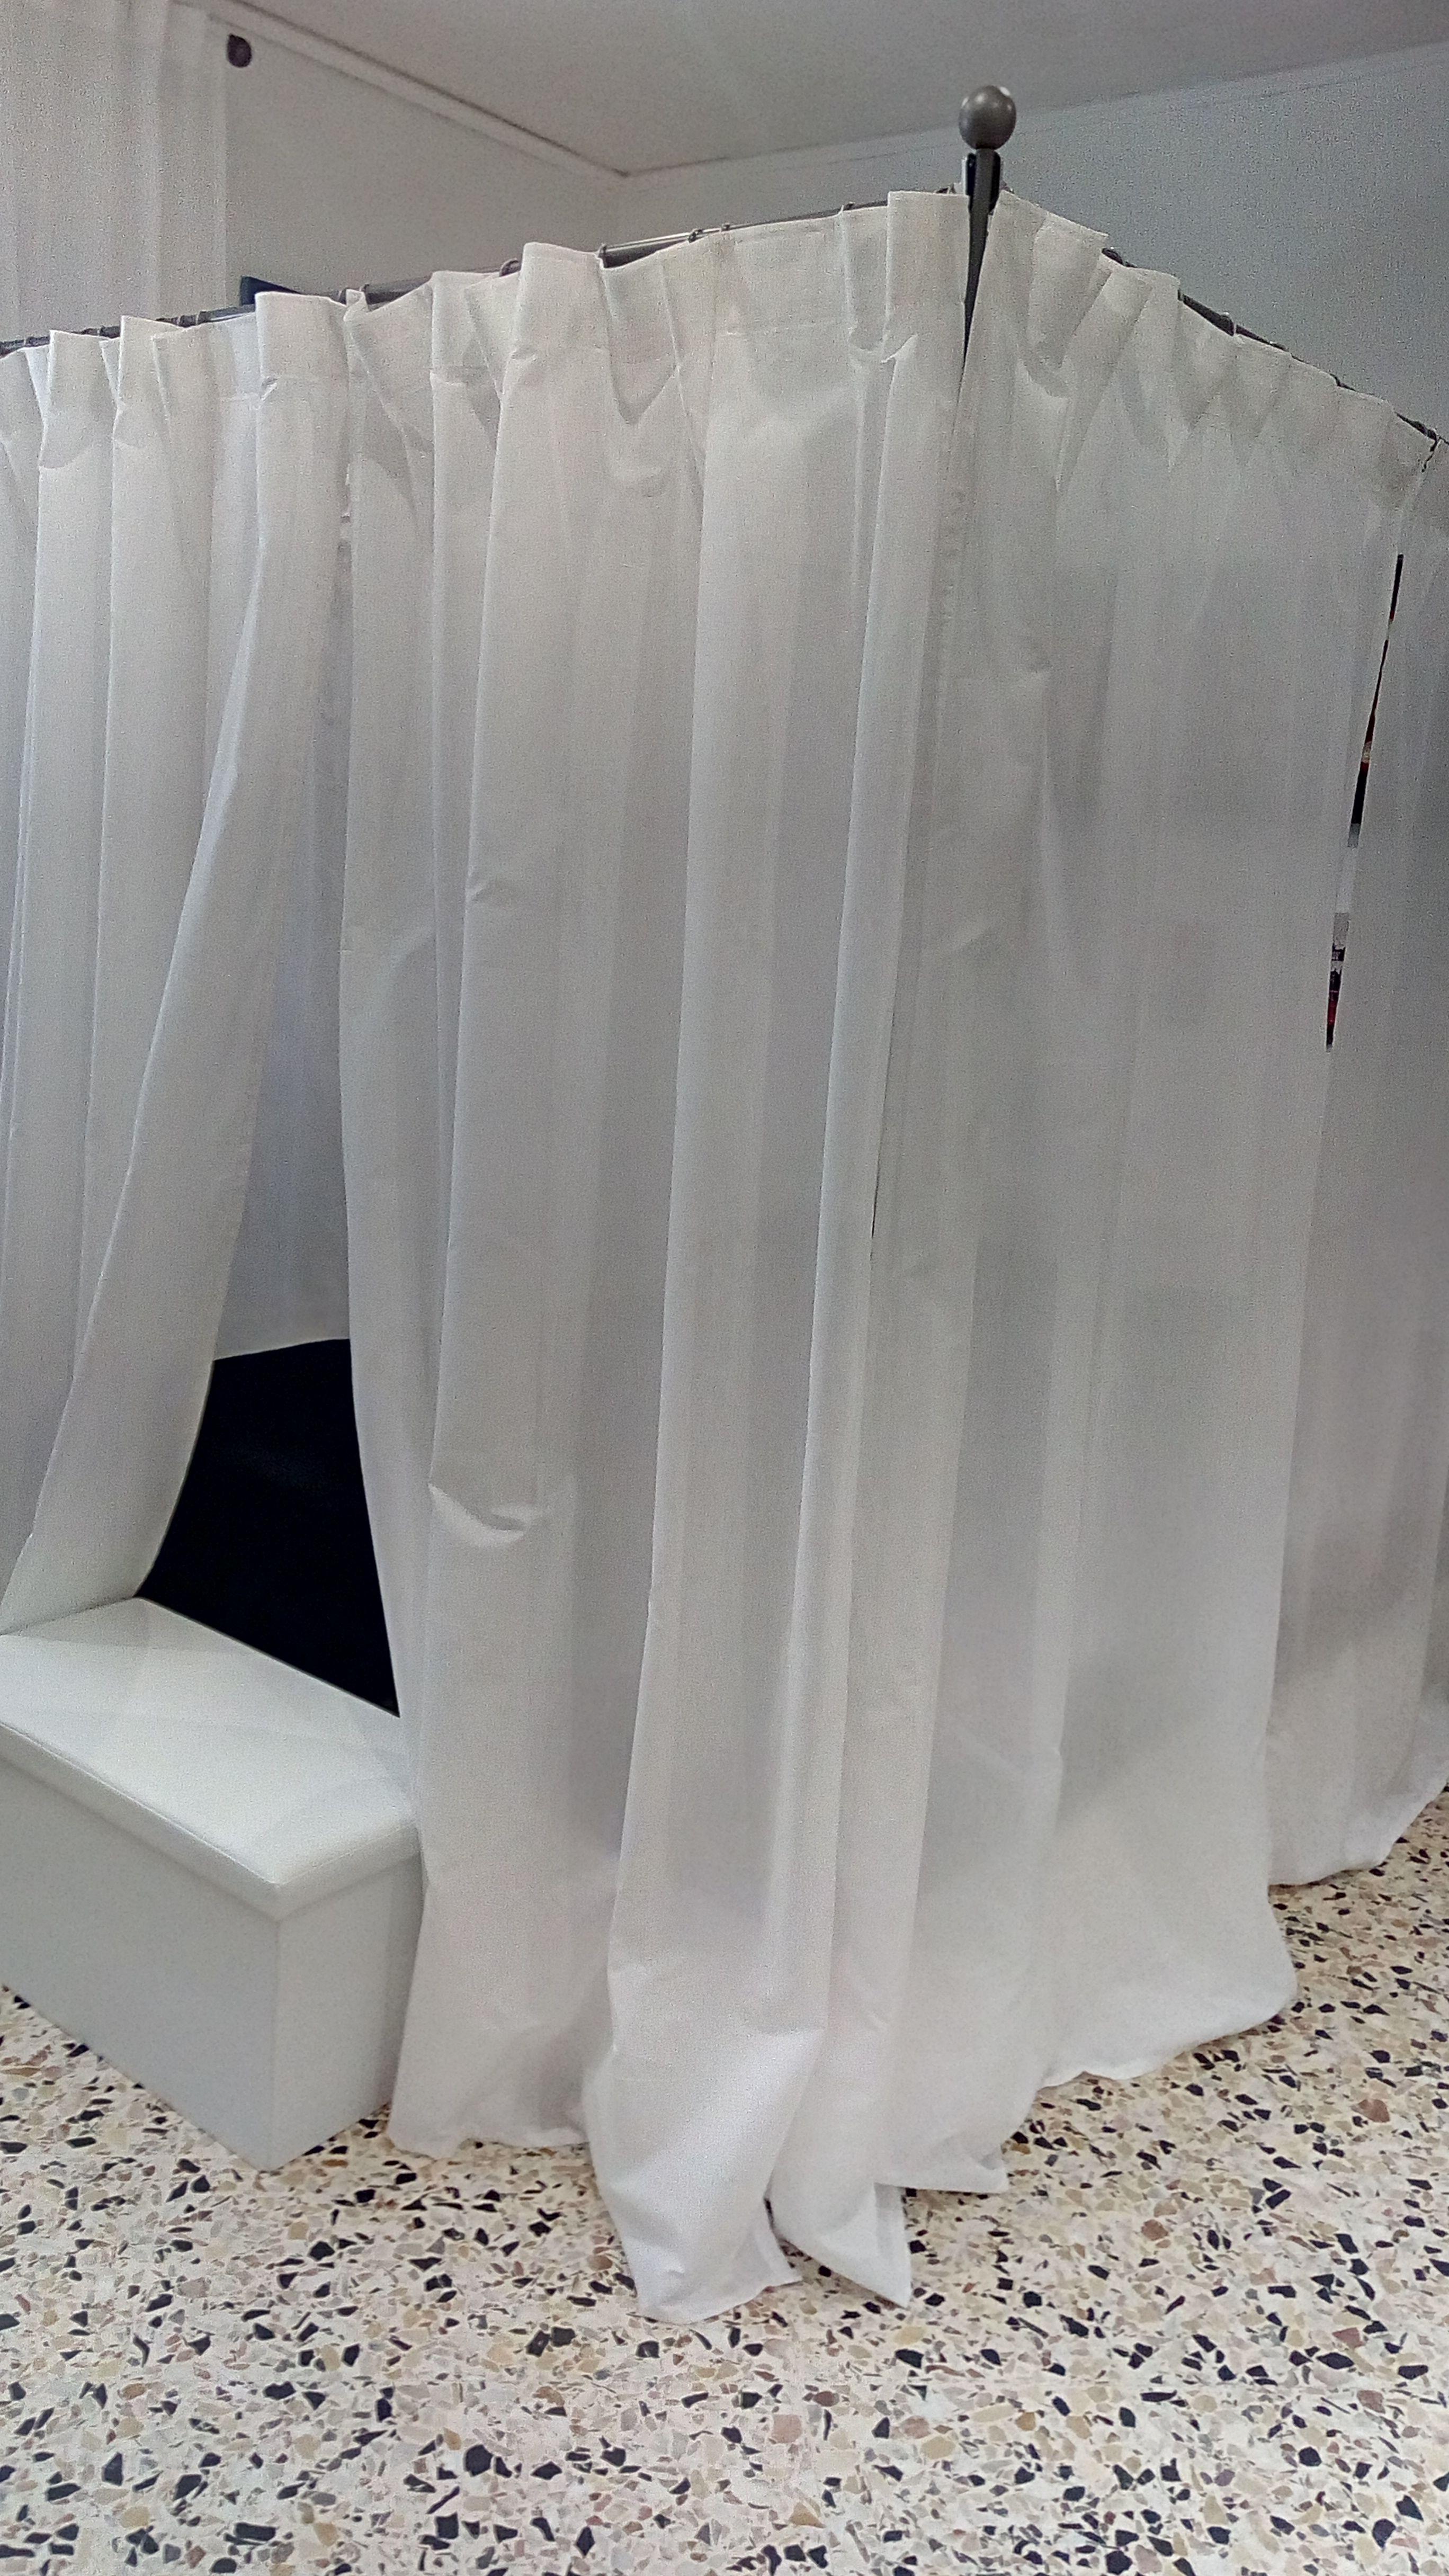 La mia camera da letto. Il mio letto a baldacchino. Tende bianche ...